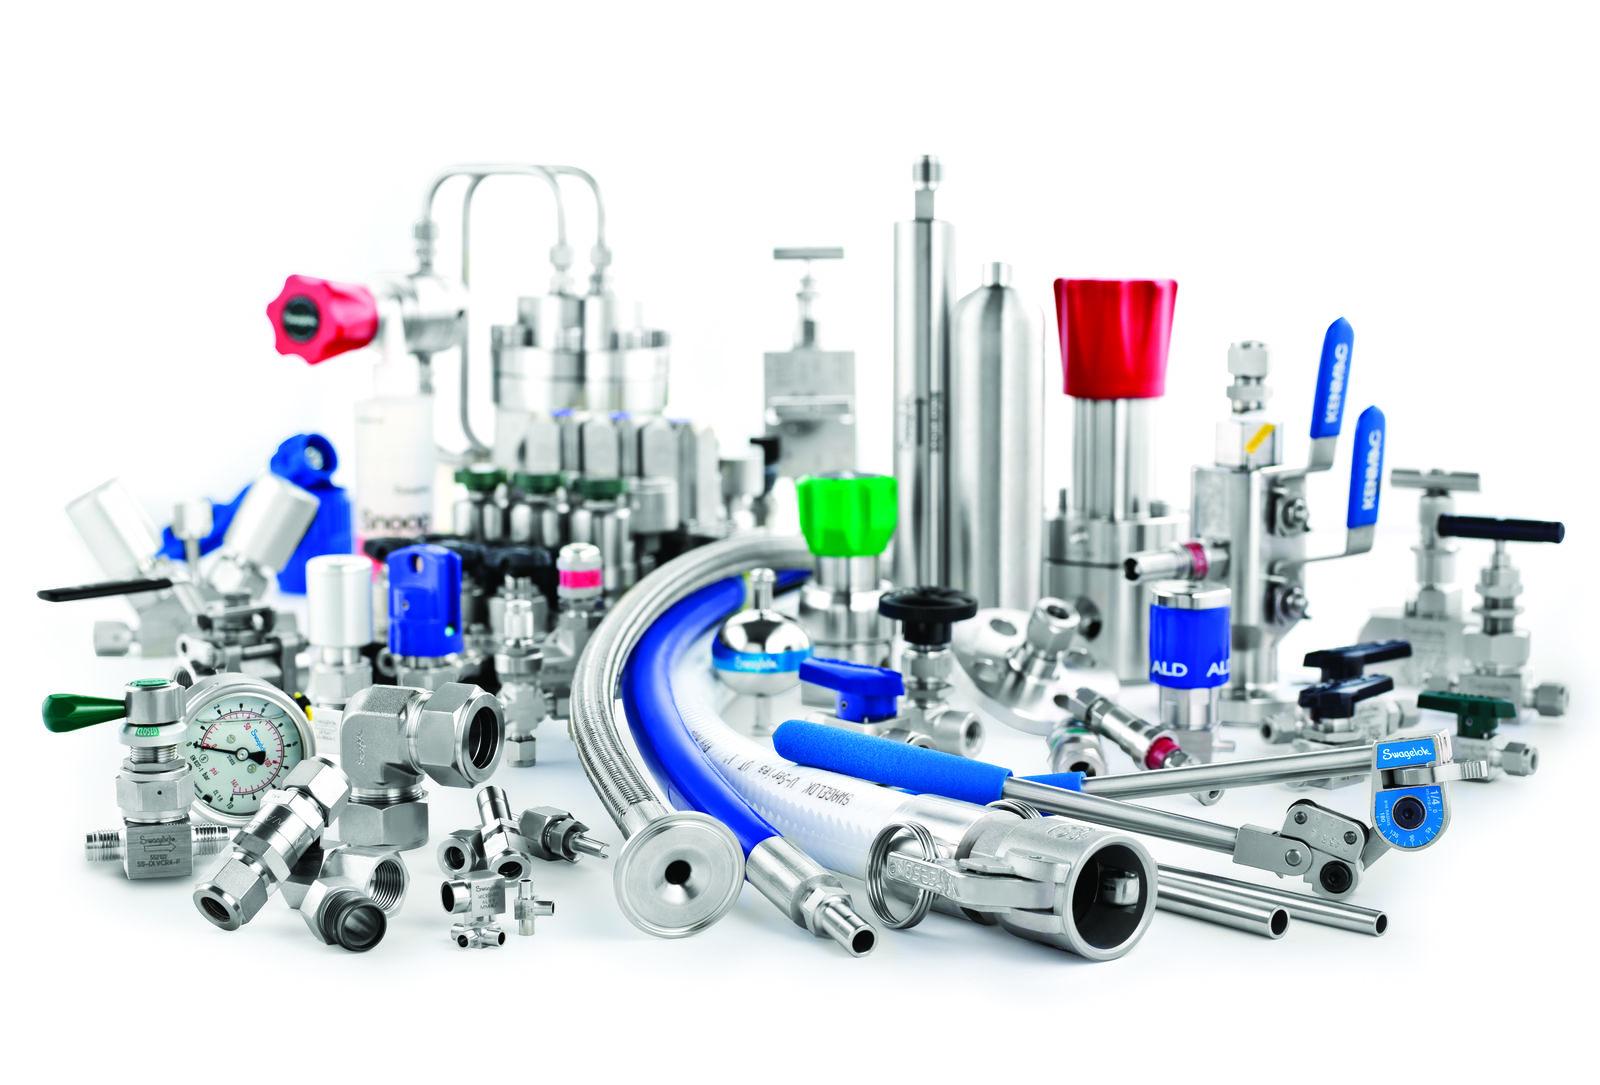 2 Technischer Vertrieb - Inside Sales (m/w/d) - Job Garching - Karriere Swagelok München